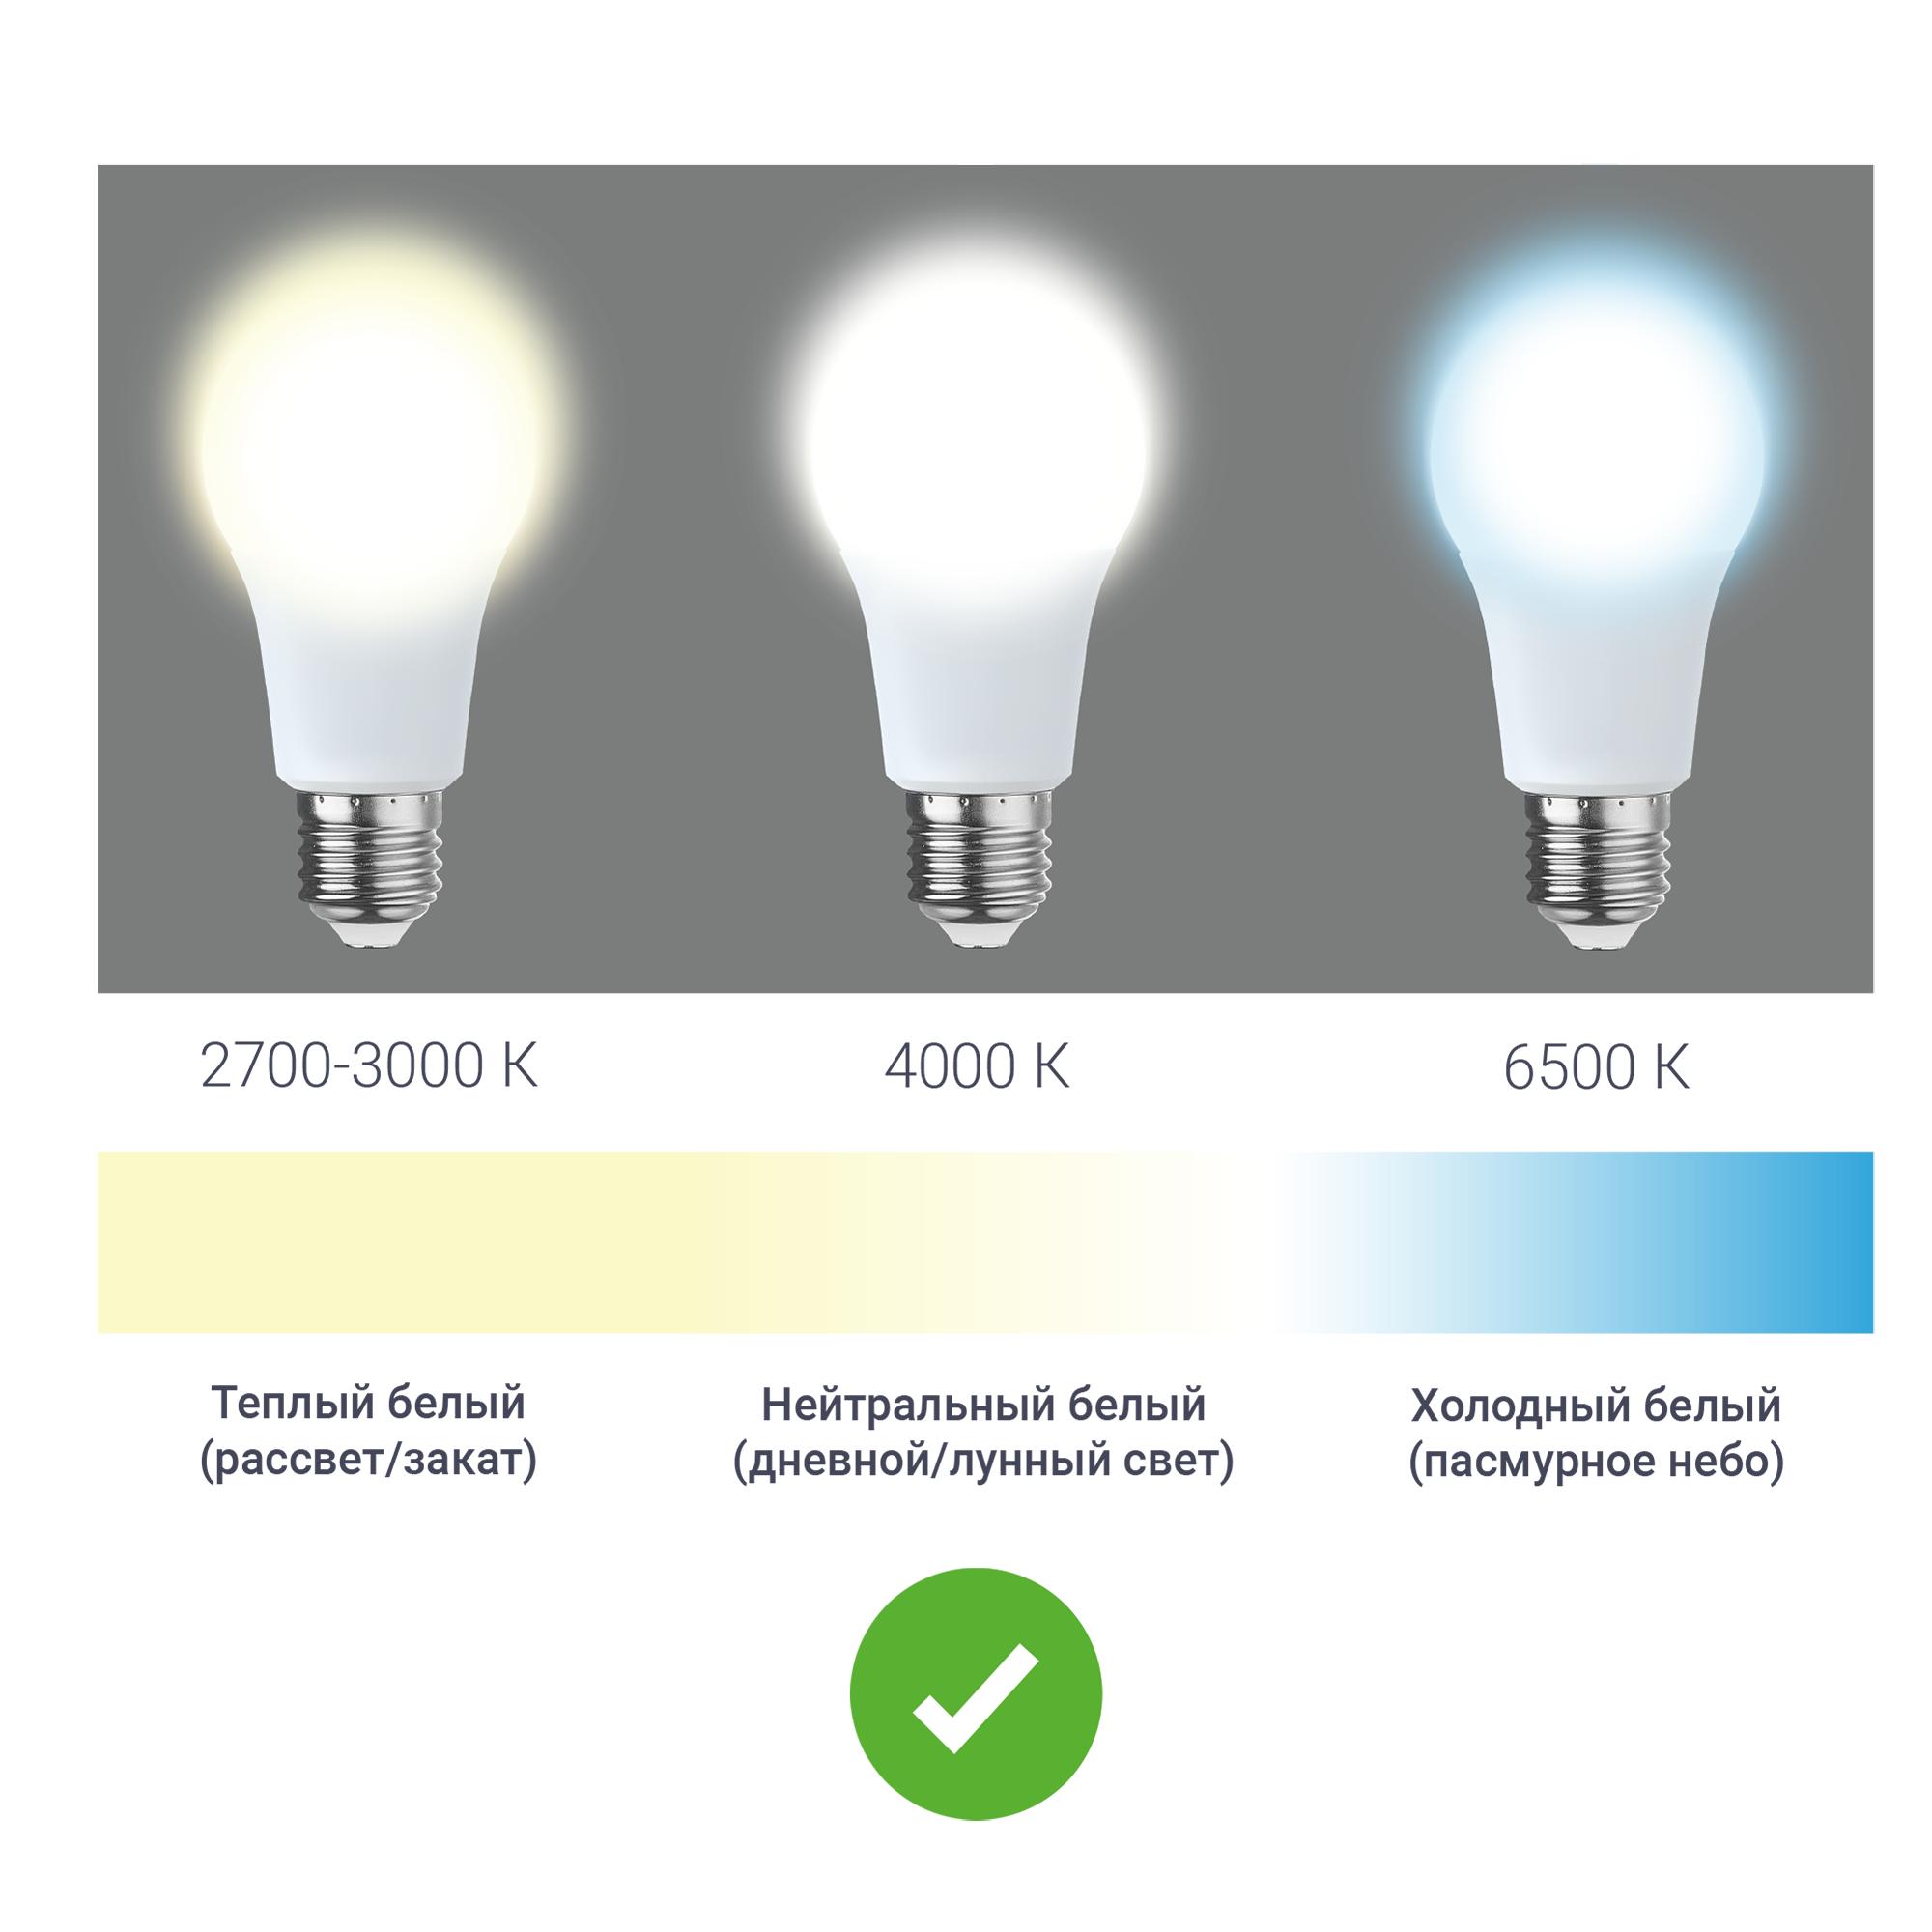 Лампа светодиодная Osram GU5.3 220-240 В 6.5 Вт спот матовая 500 лм холодный белый свет